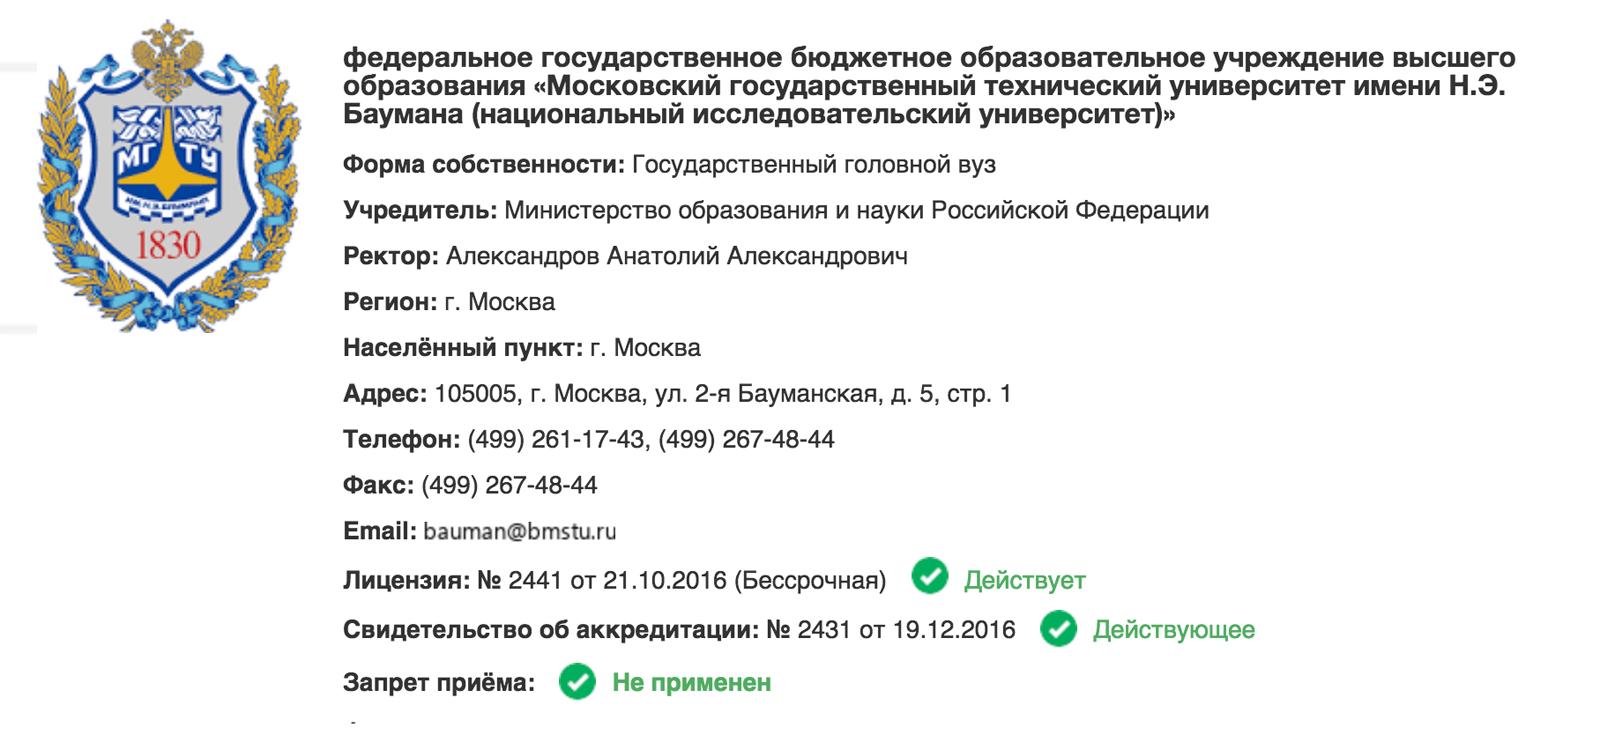 У Бауманки бессрочная лицензия и нет запрета на прием документов